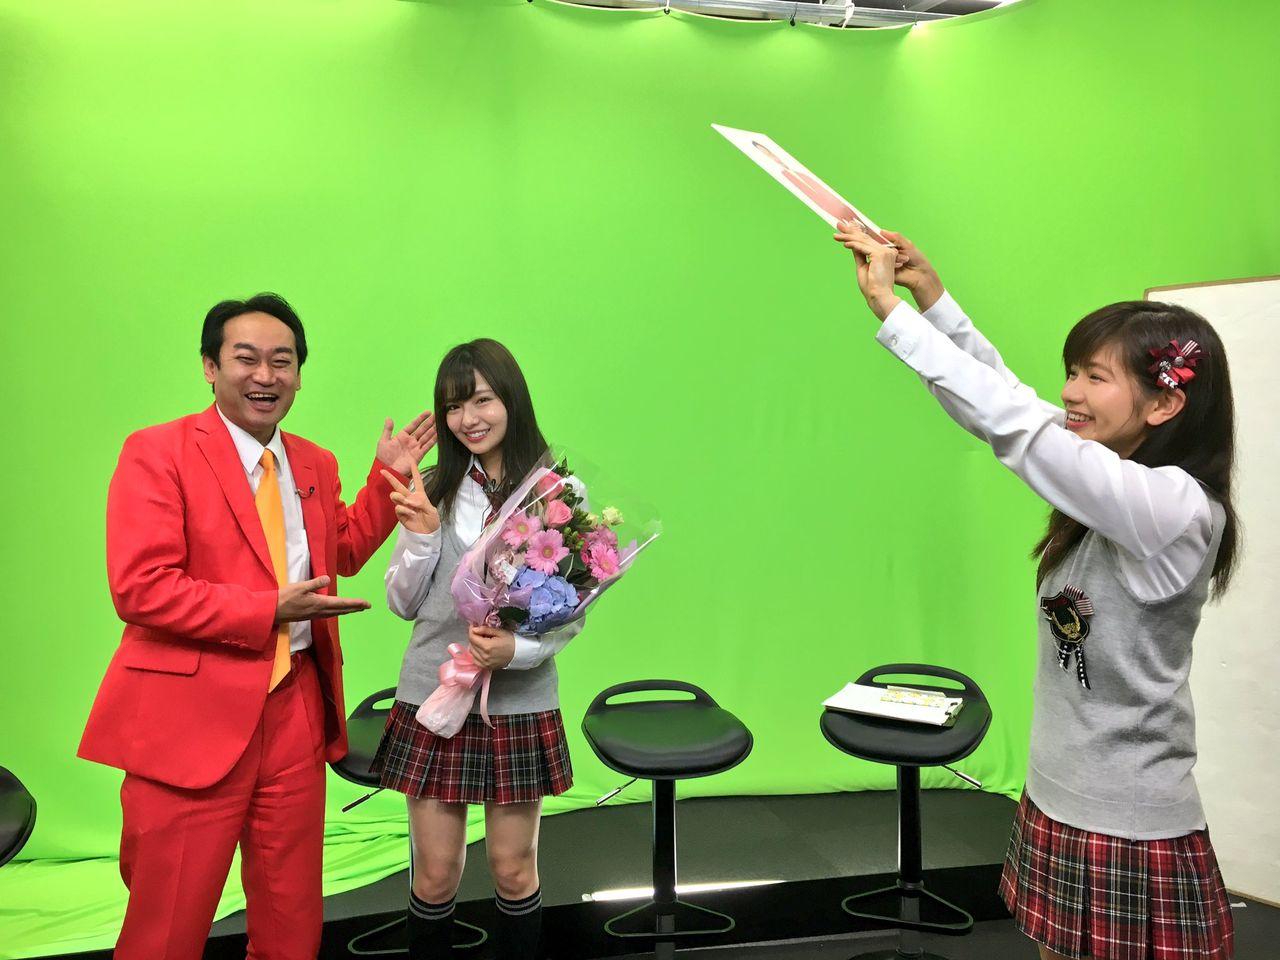 【NMB48】村瀬紗英が岡山のテレビ番組『ユタンポ』卒業